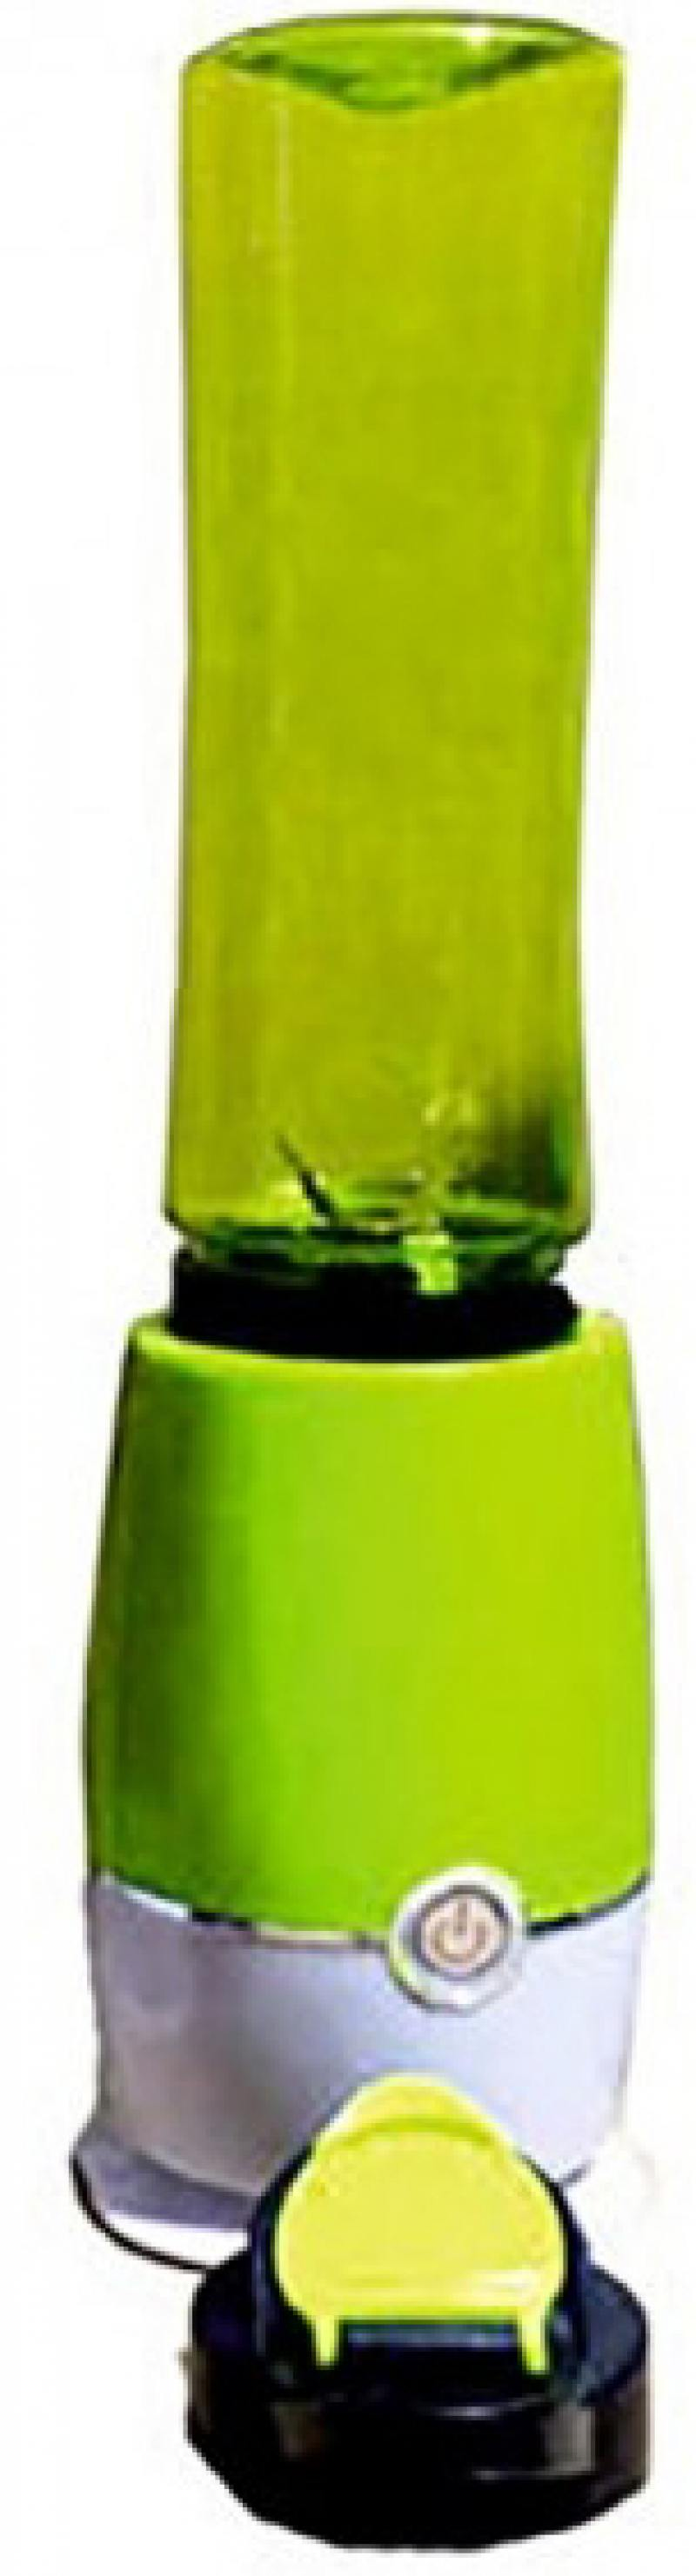 Блендер стационарный Irit IR-5512 180Вт зелёный блендер irit ir 5510